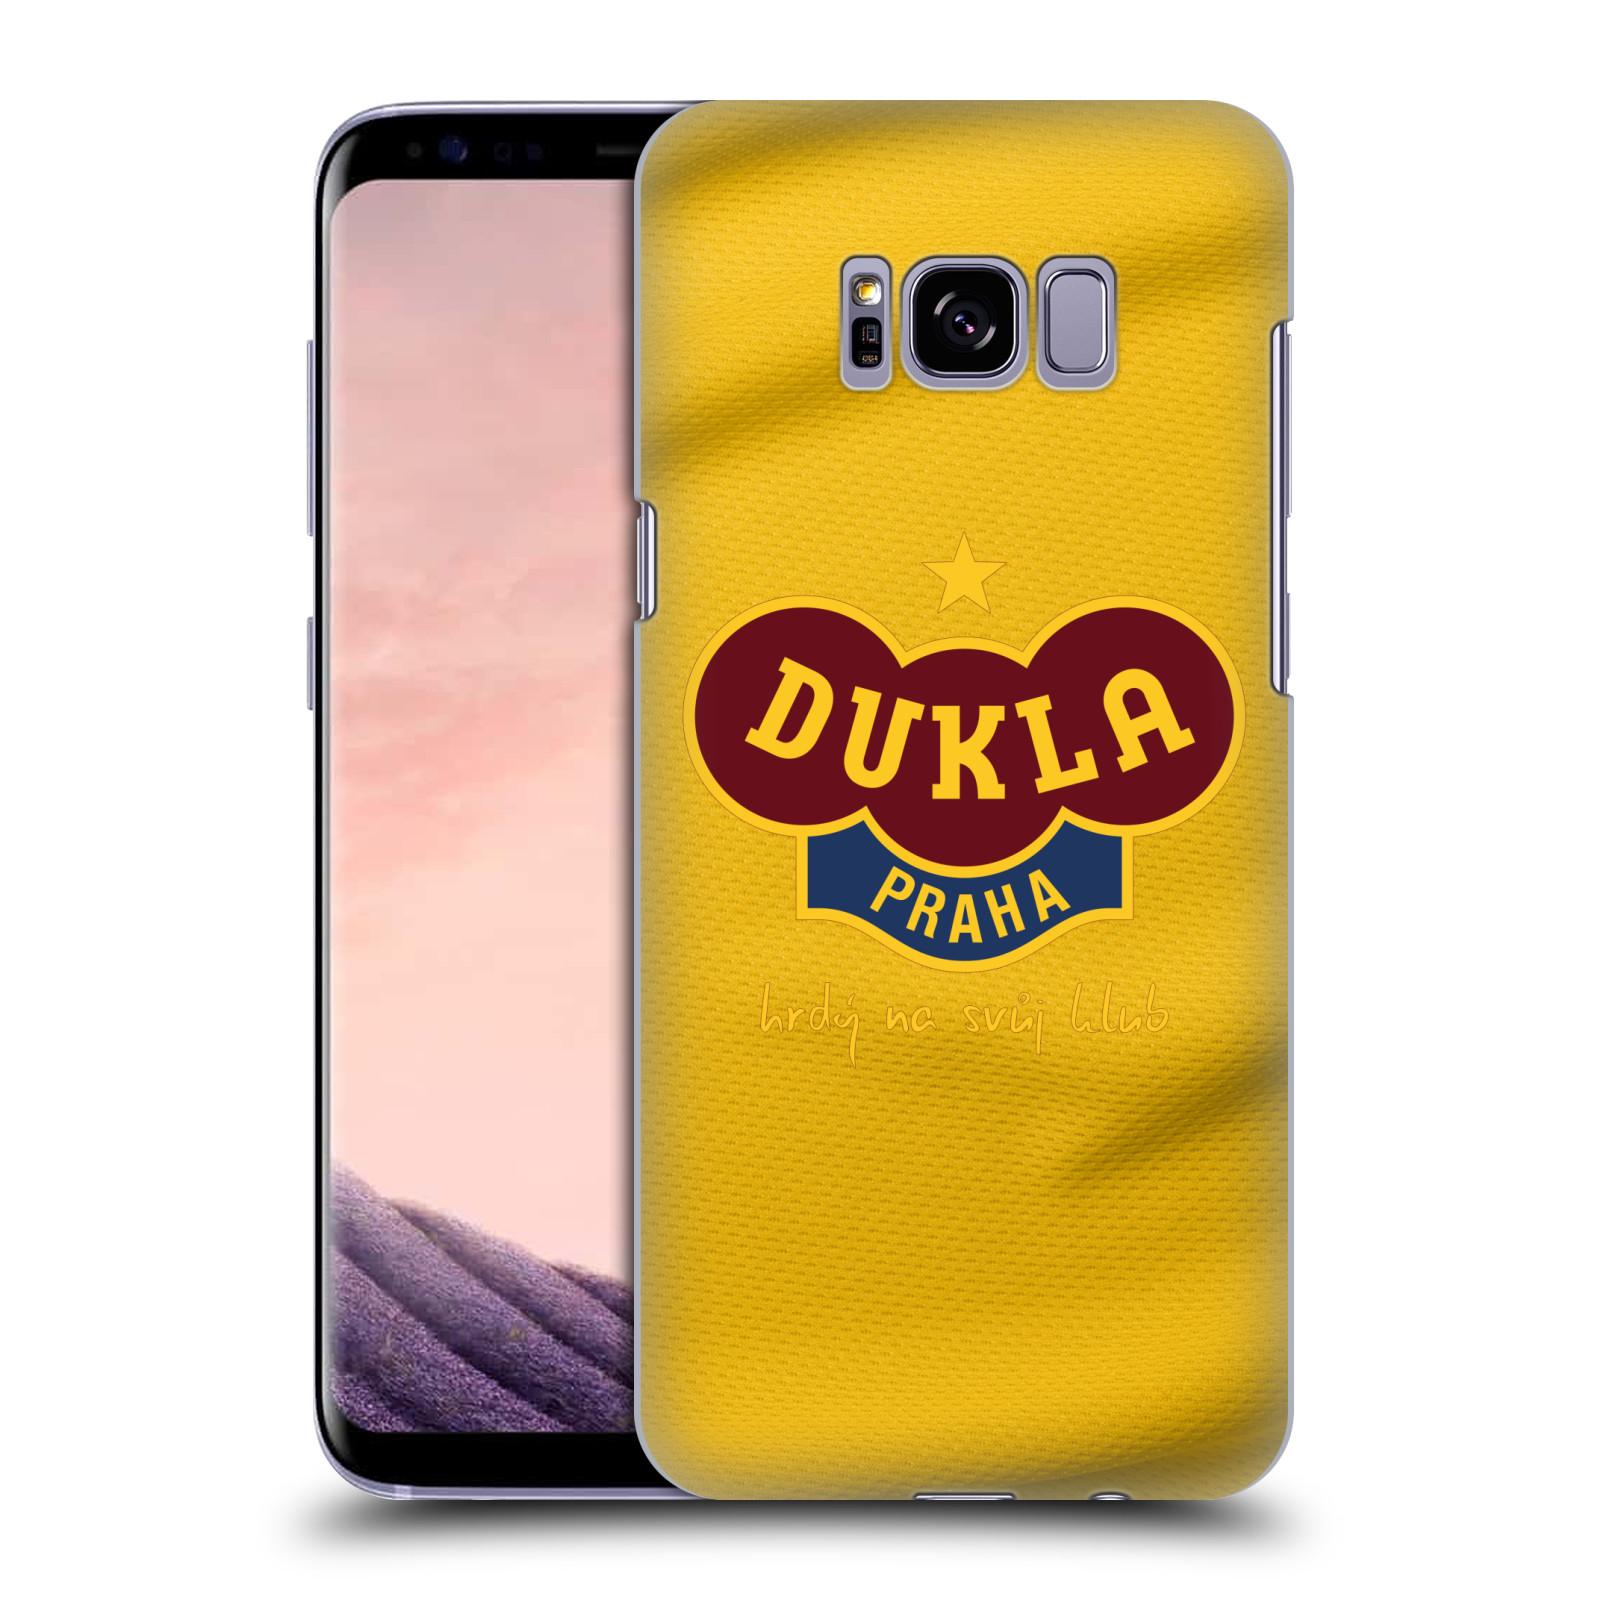 Plastové pouzdro na mobil Samsung Galaxy S8+ (Plus) - FK Dukla Praha - Žlutý dres